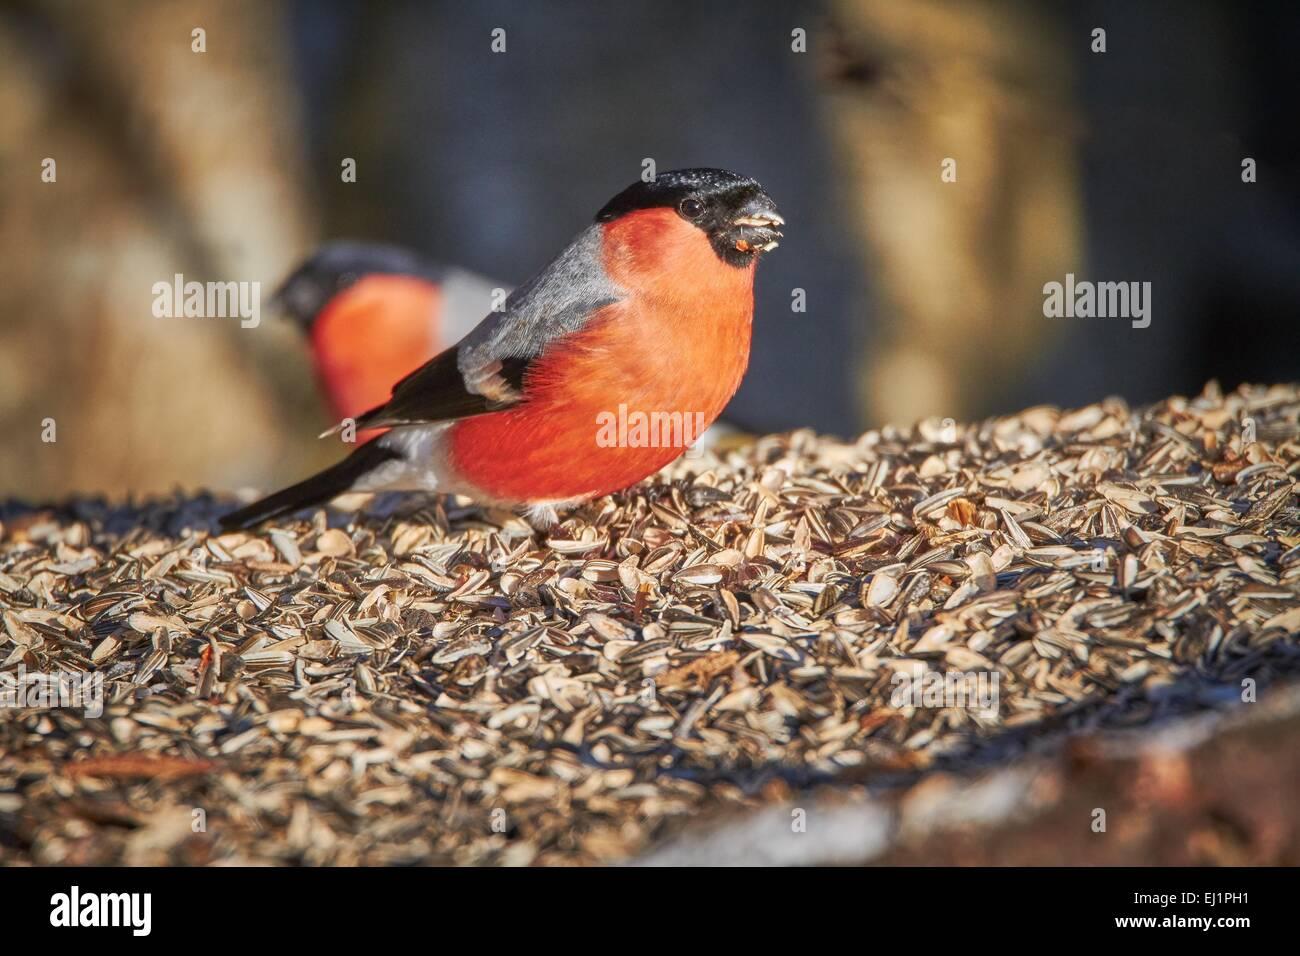 Bullfinch maschio (Pyrrhula pyrrhula) mangiare semi di girasole a terra all'alimentazione invernale posto su Immagini Stock